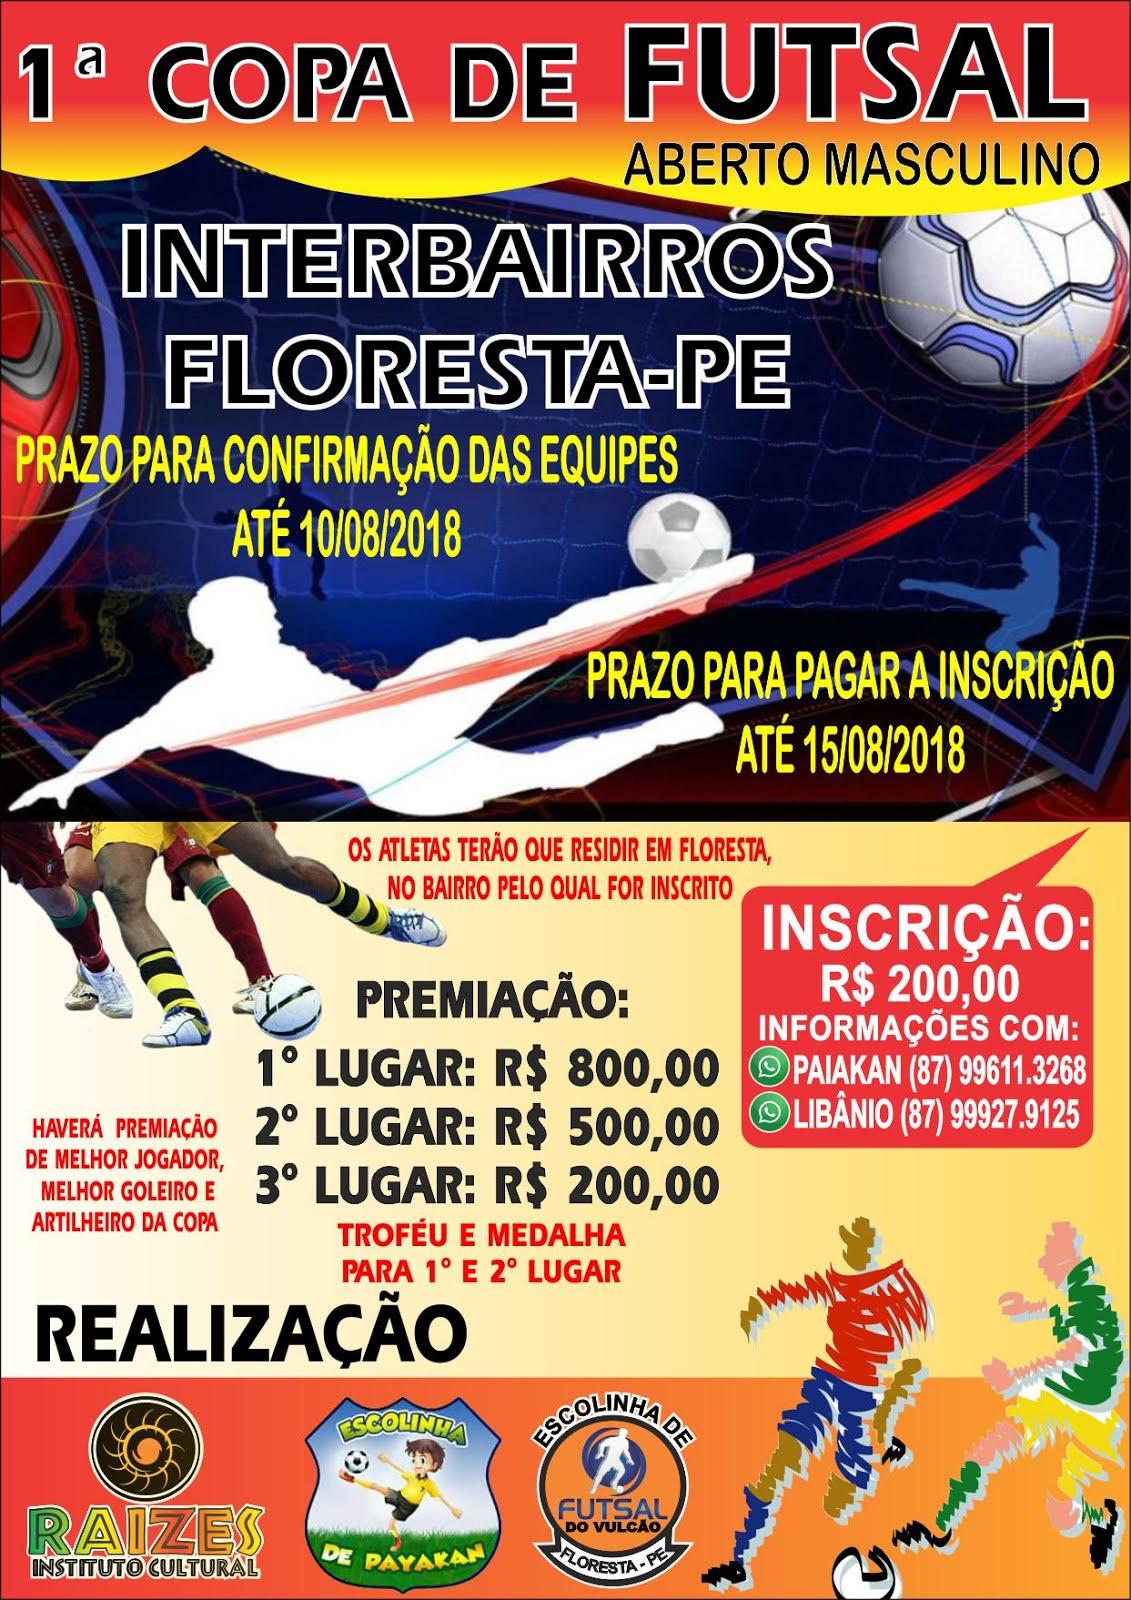 1ª COPA INTERBAIRROS DE FUTSAL EM FLORESTA-PE